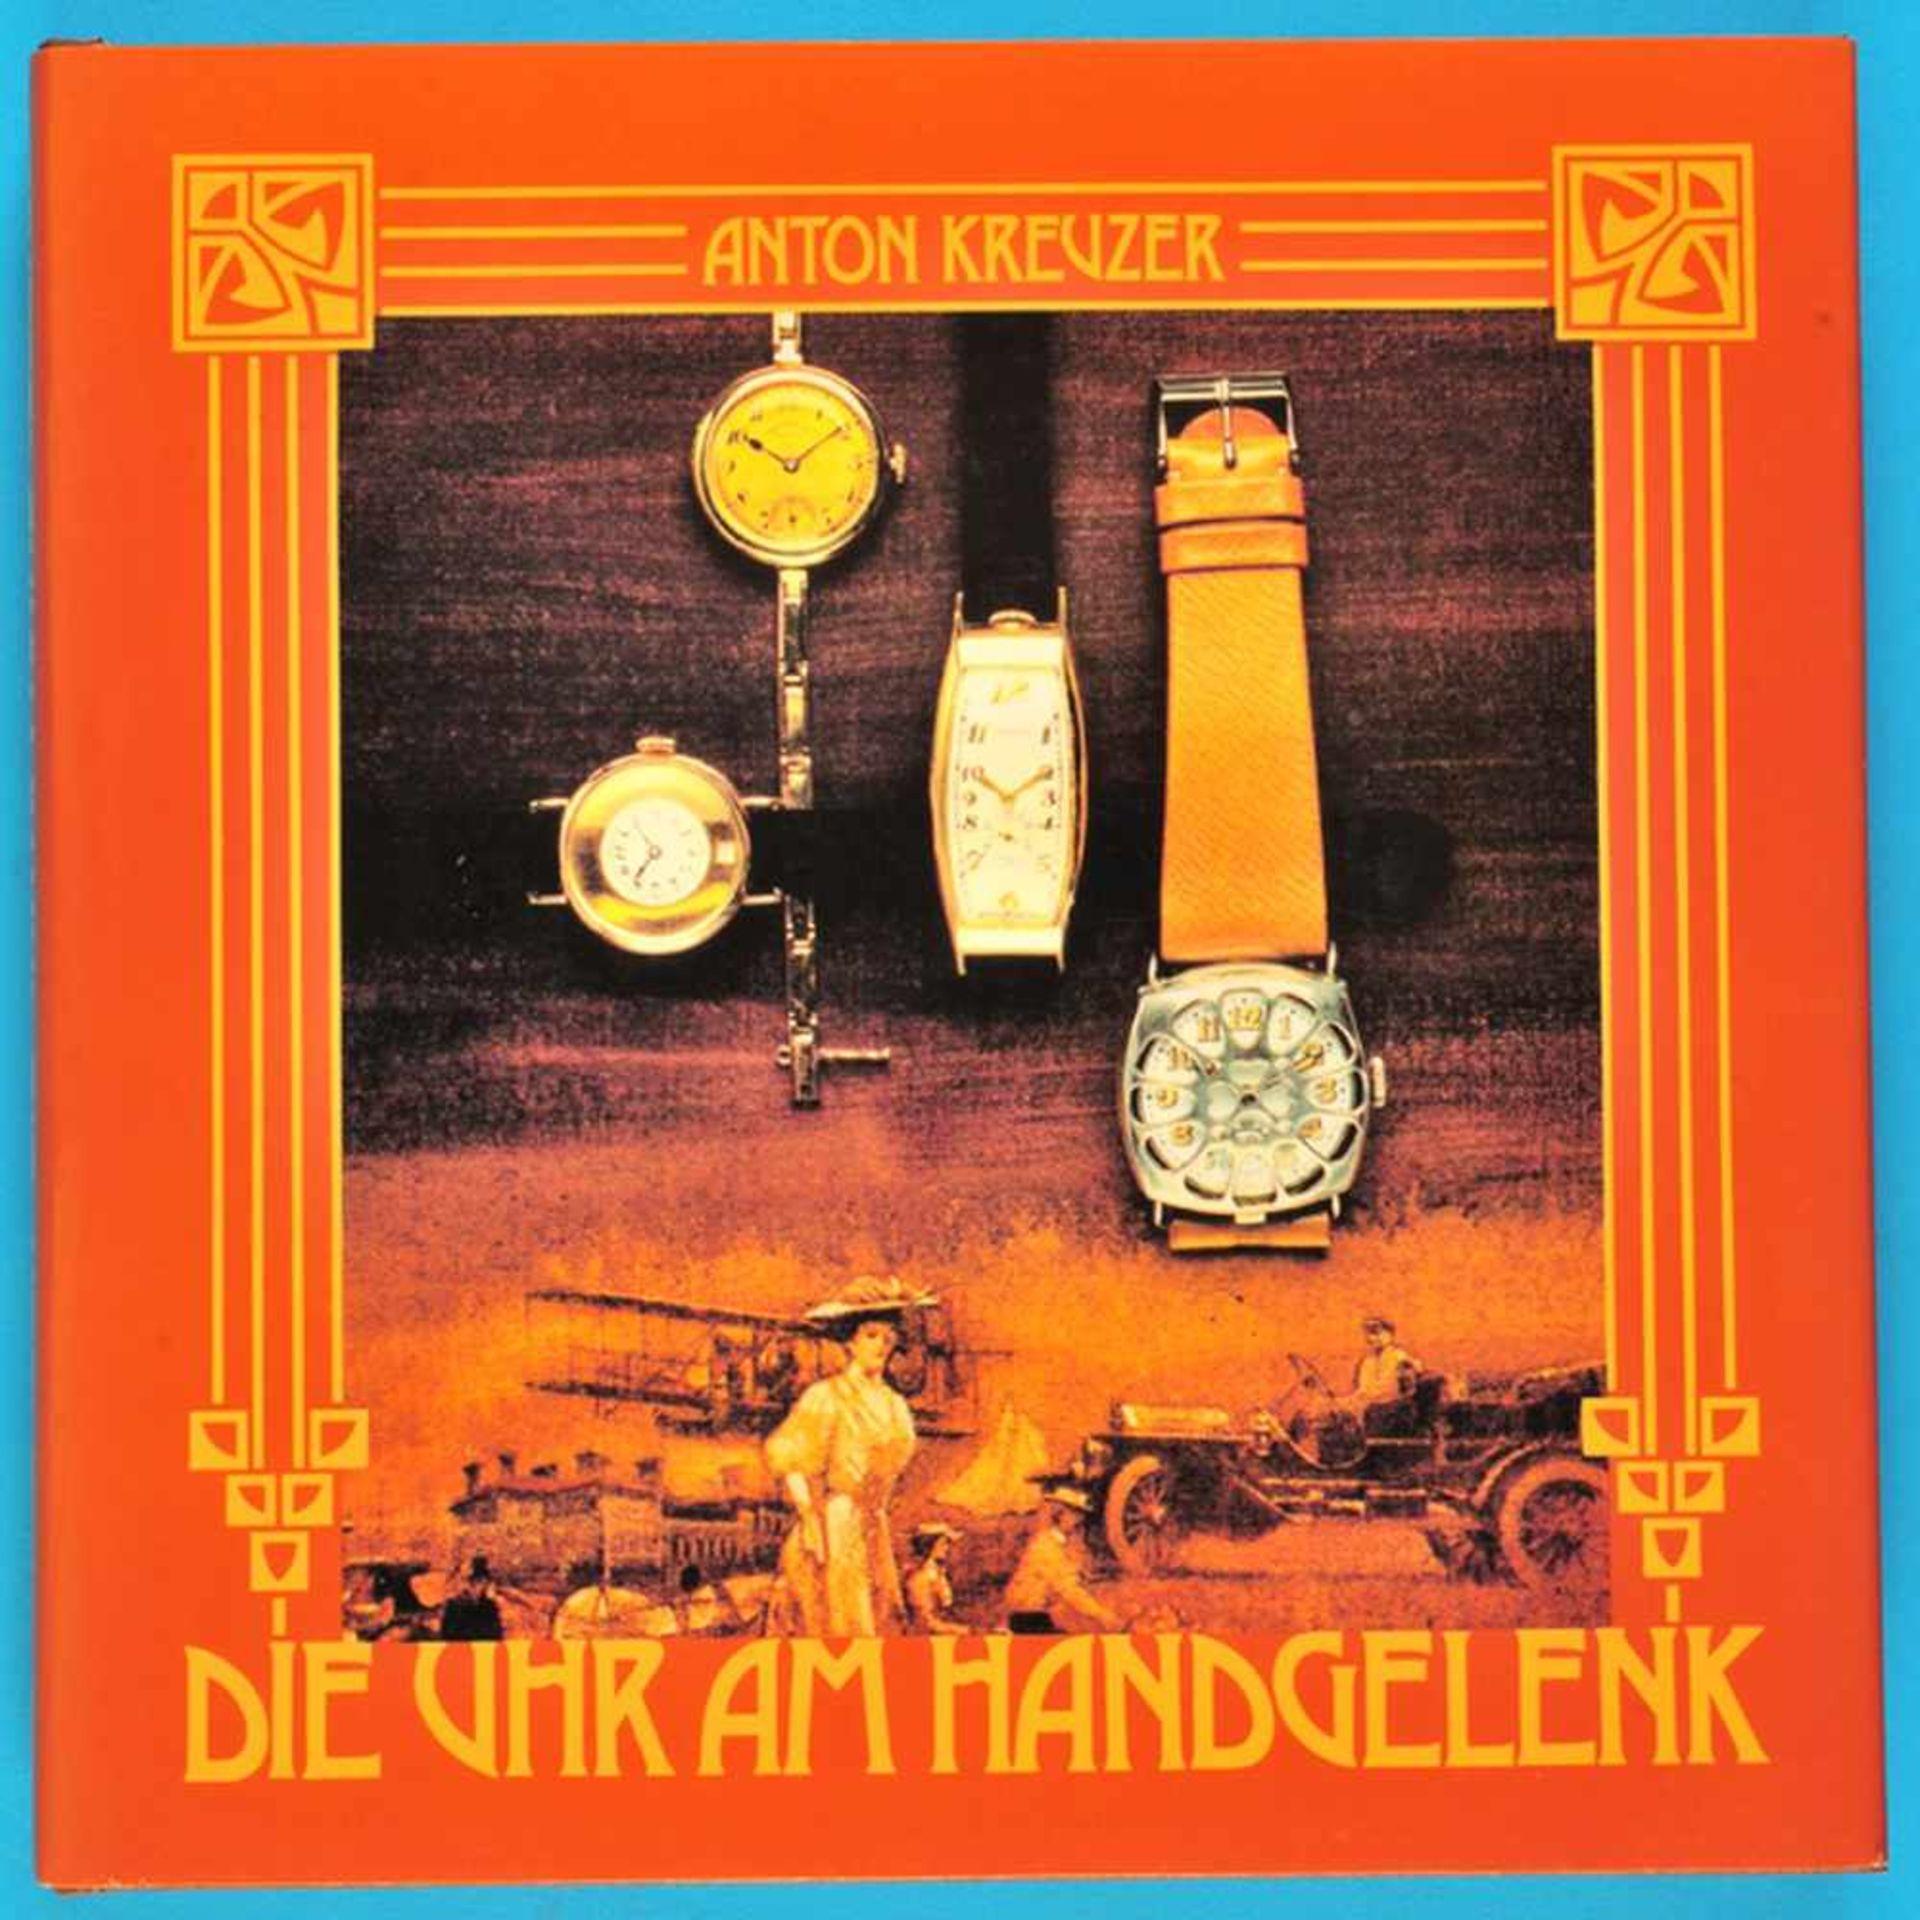 Los 20 - Anton Kreuzer, Die Uhr am Handgelenk, Geschichte der Armbanduhr, 1982Anton Kreuzer, Die Uhr am